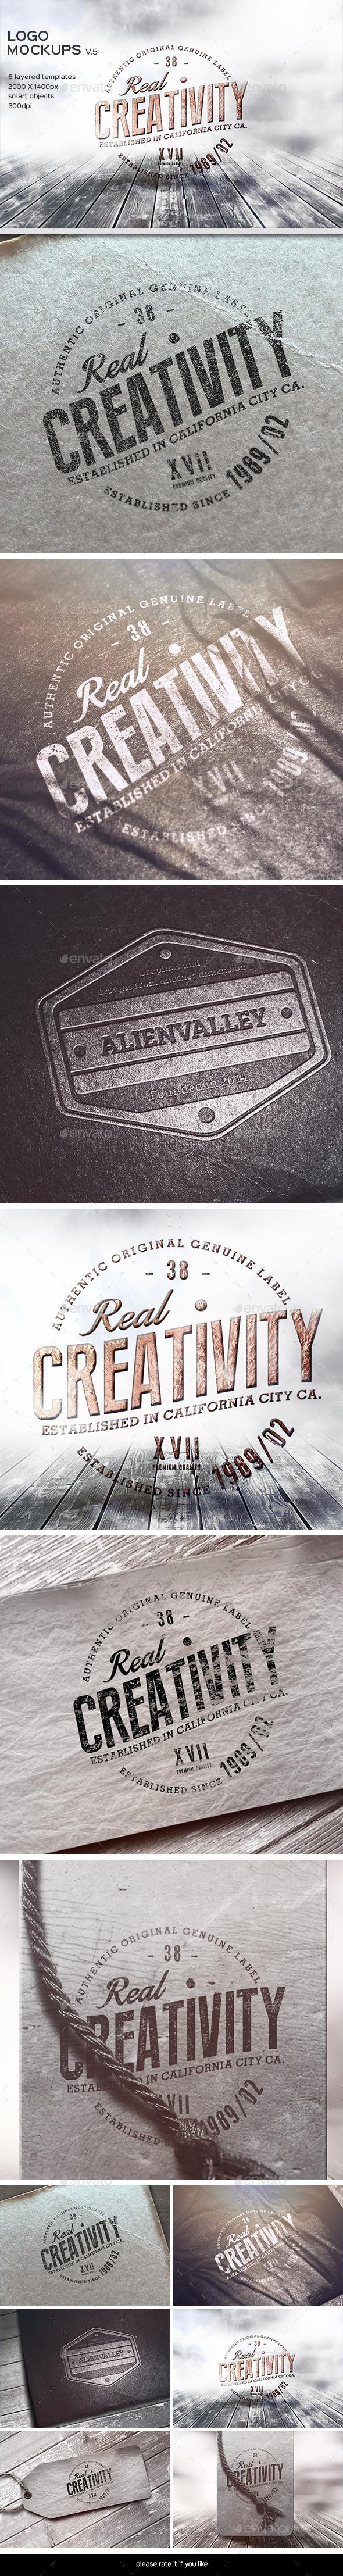 GraphicRiver Logo Mockup-V.5 9408758